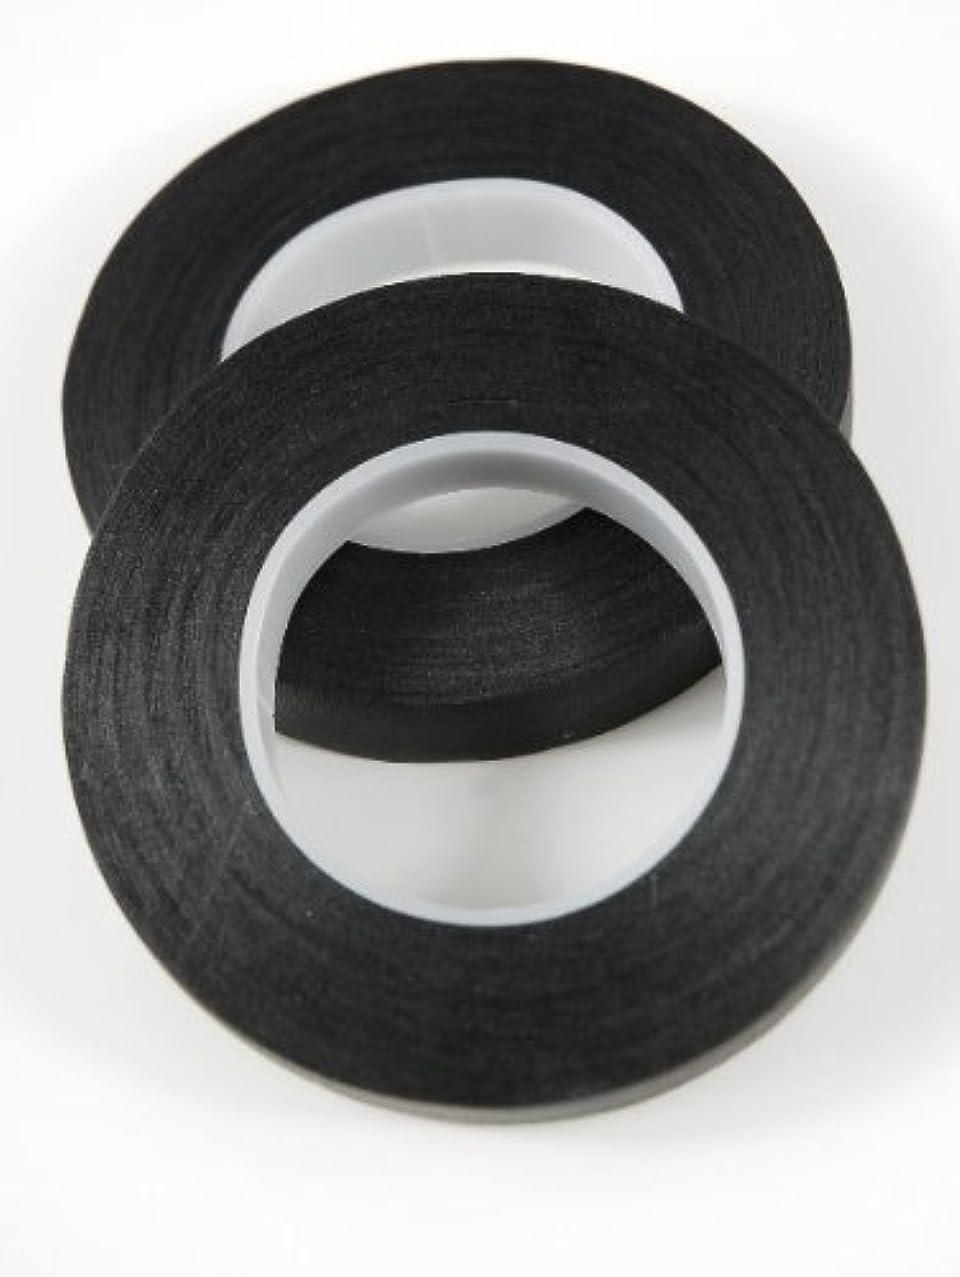 2 Pack Black Flower Tape Stem Wrap Gum Paste 1/2 X 30 Yards 180 Ft w/ Floral Crafting eGuide Bundle …